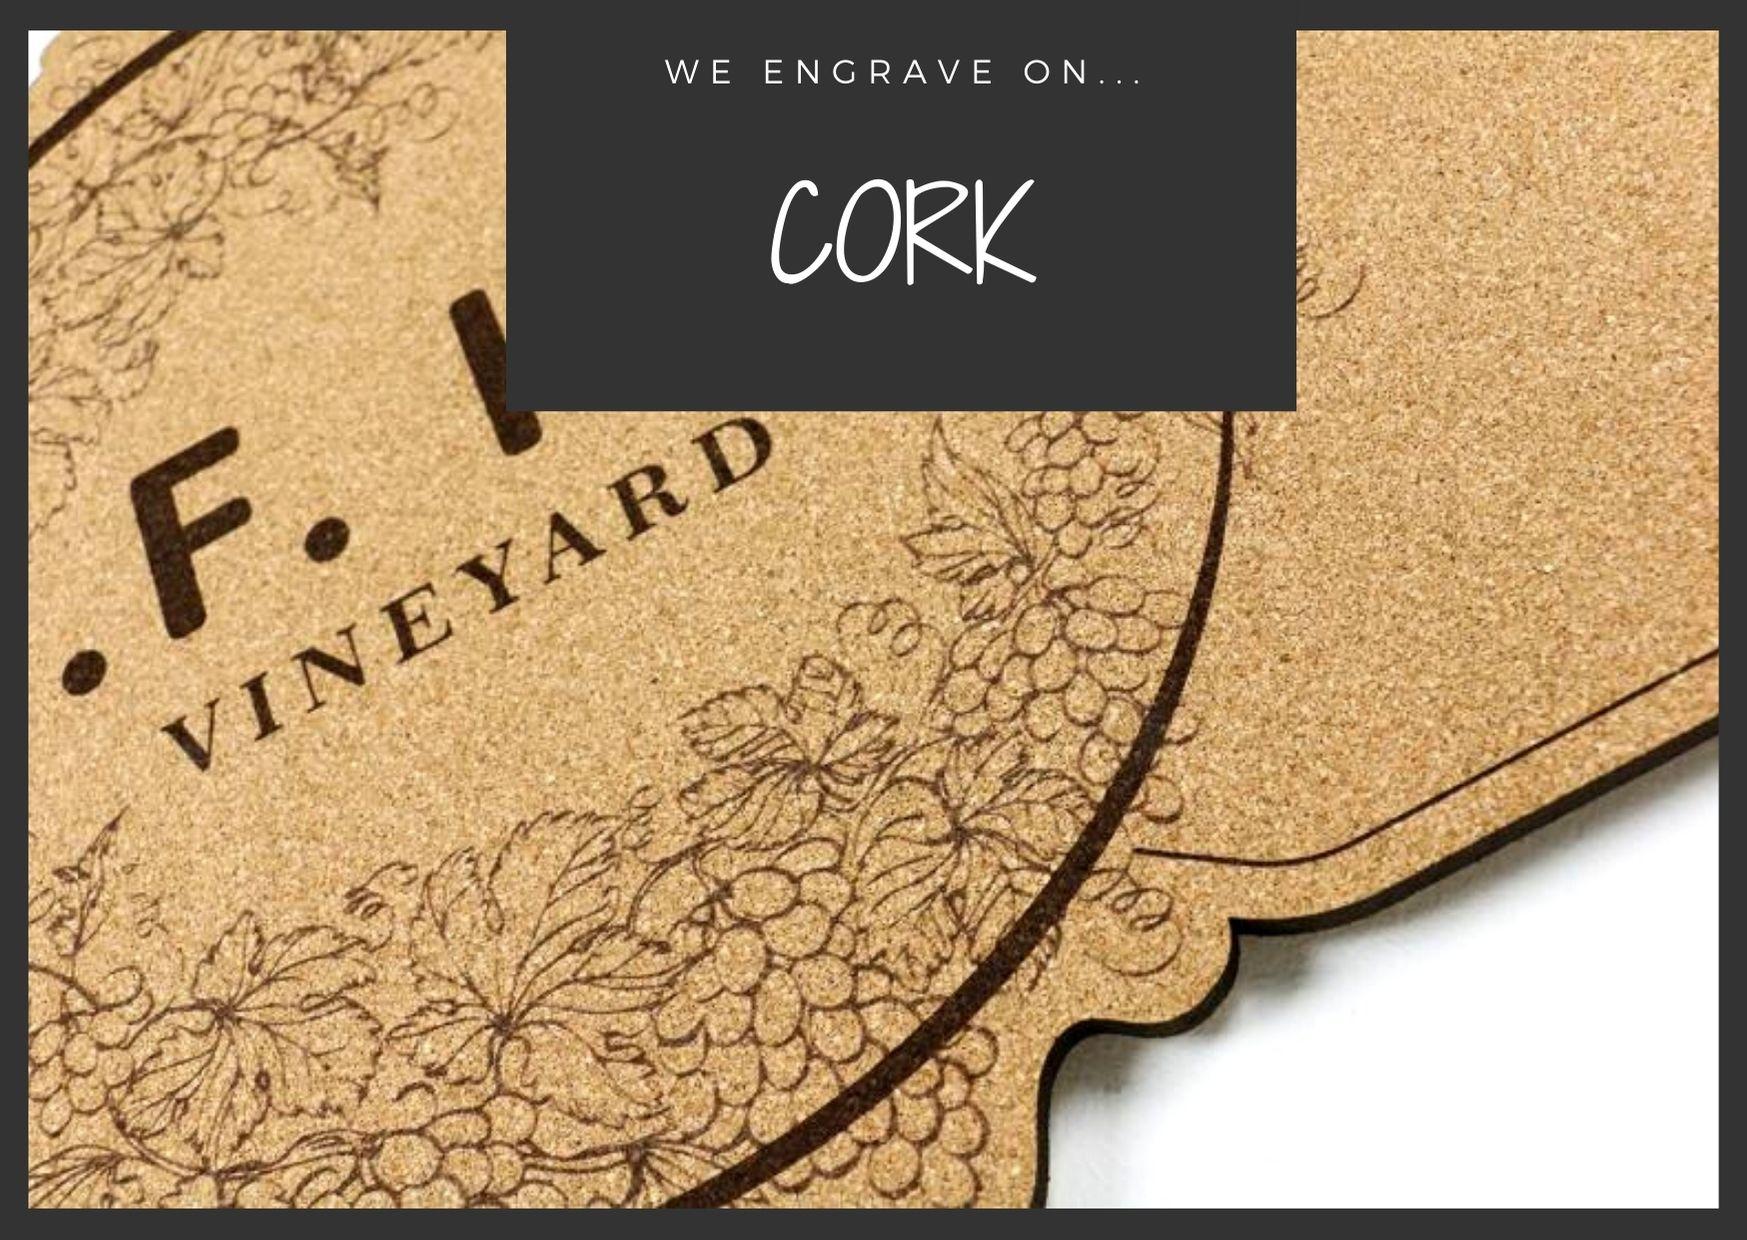 Engraving on cork